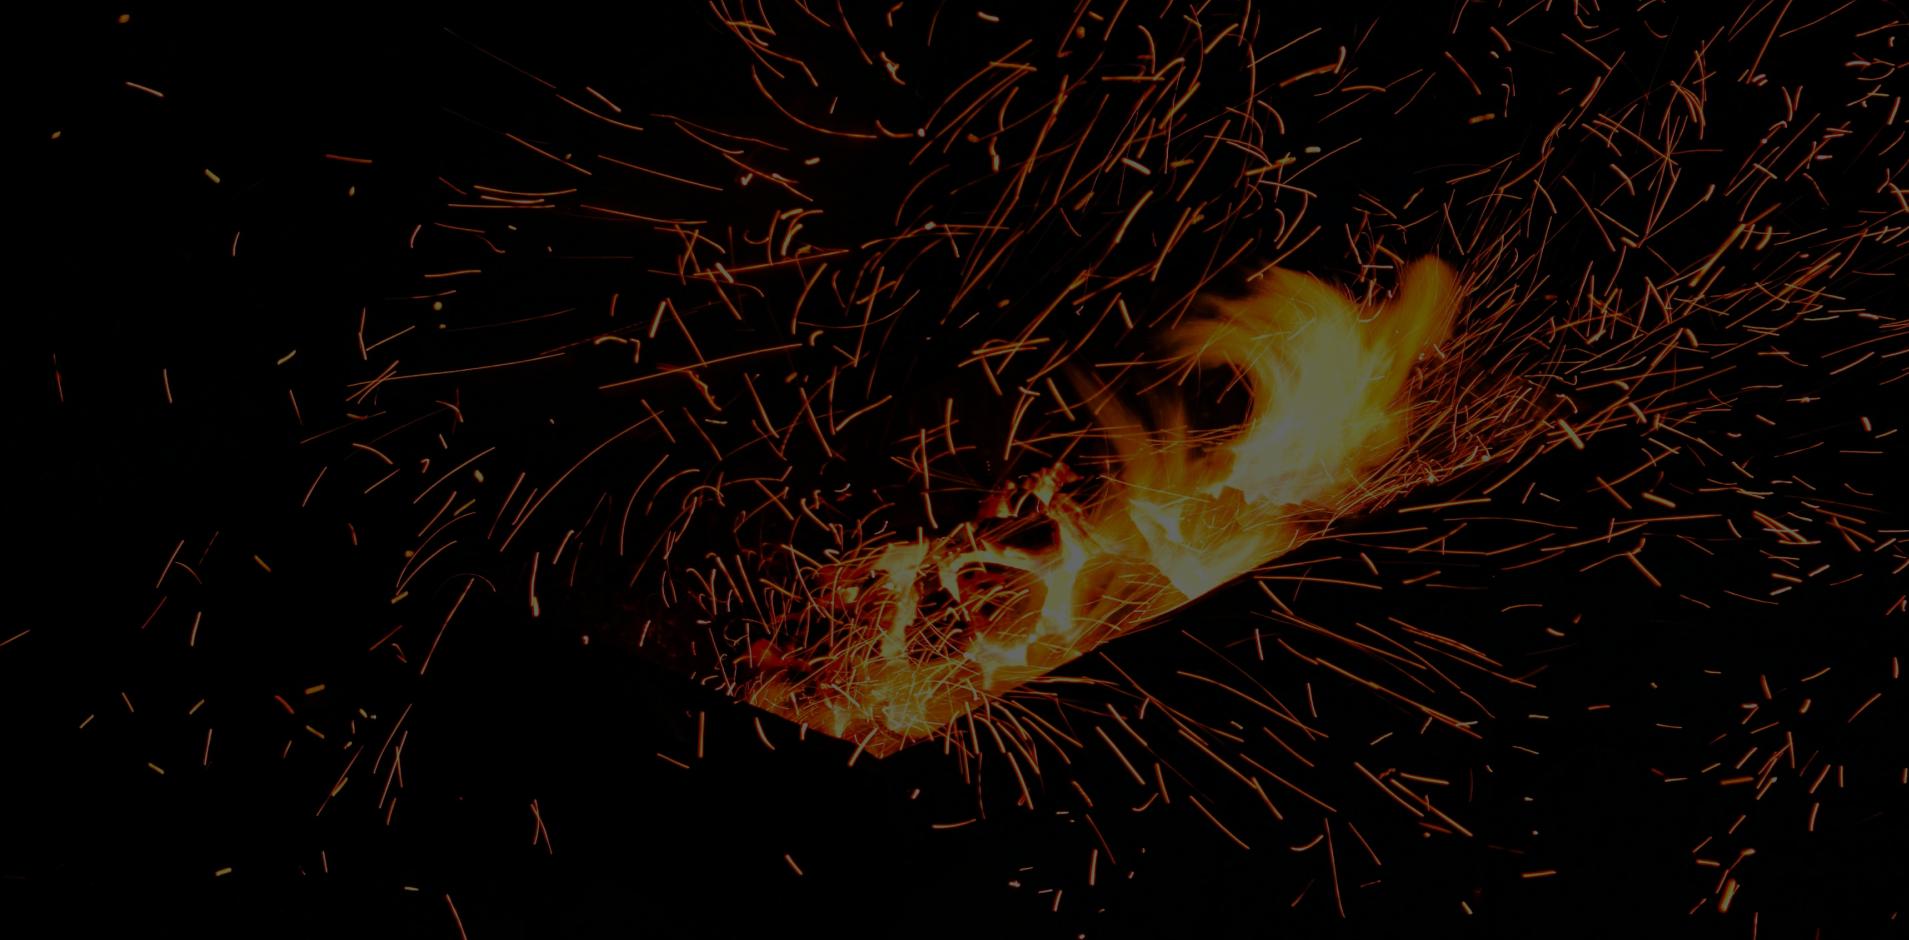 Forging illustration